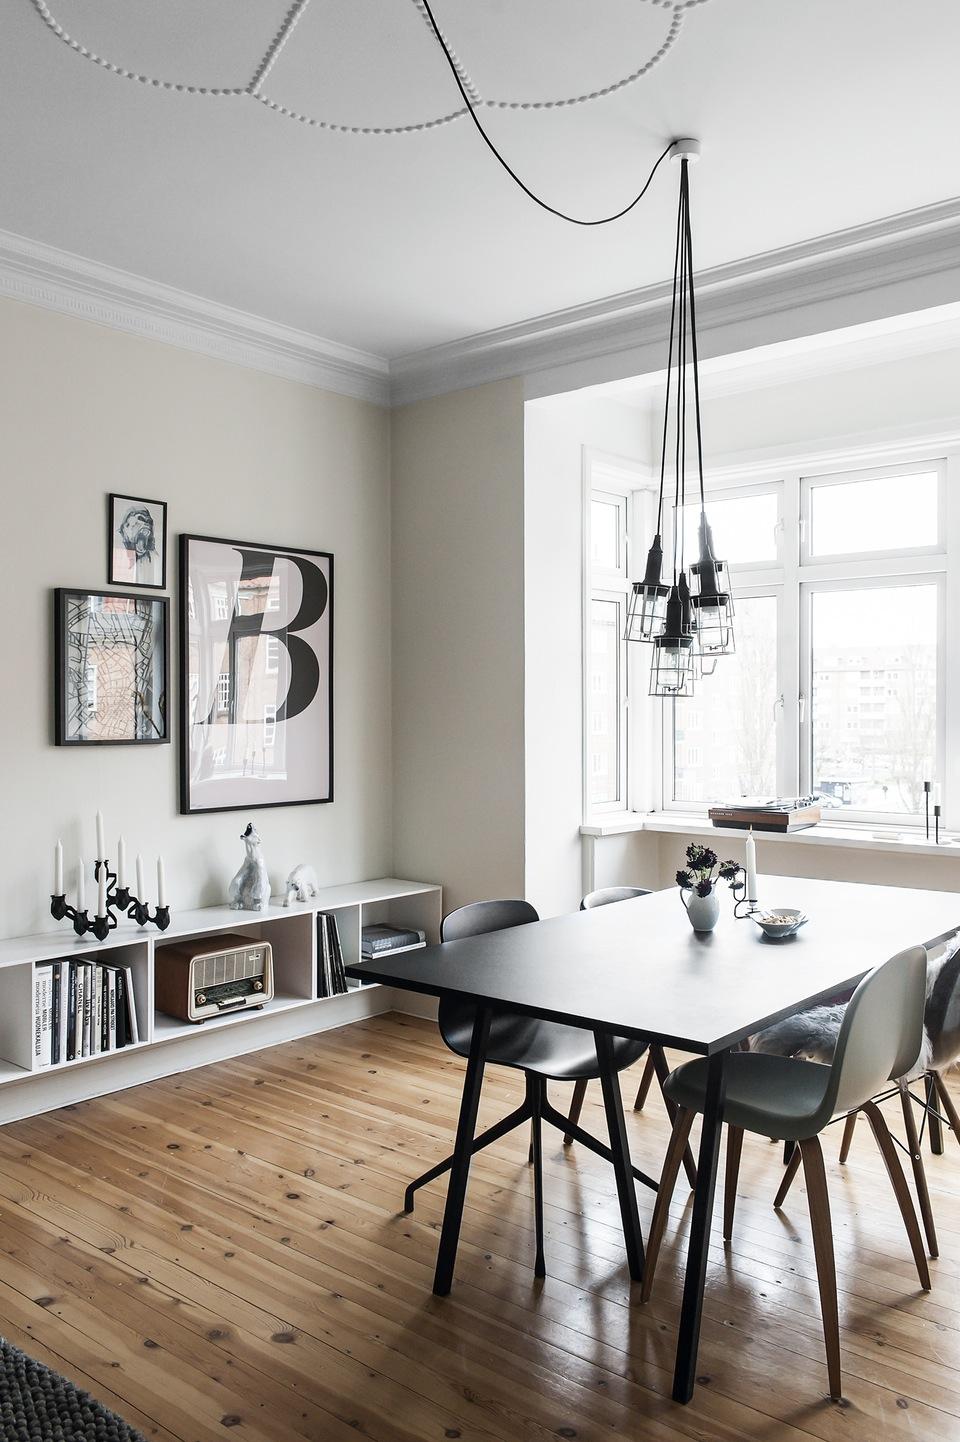 Increible piso de estudiantes en aarhus dinamarca blog tienda decoraci n estilo n rdico - Piso estilo nordico ...